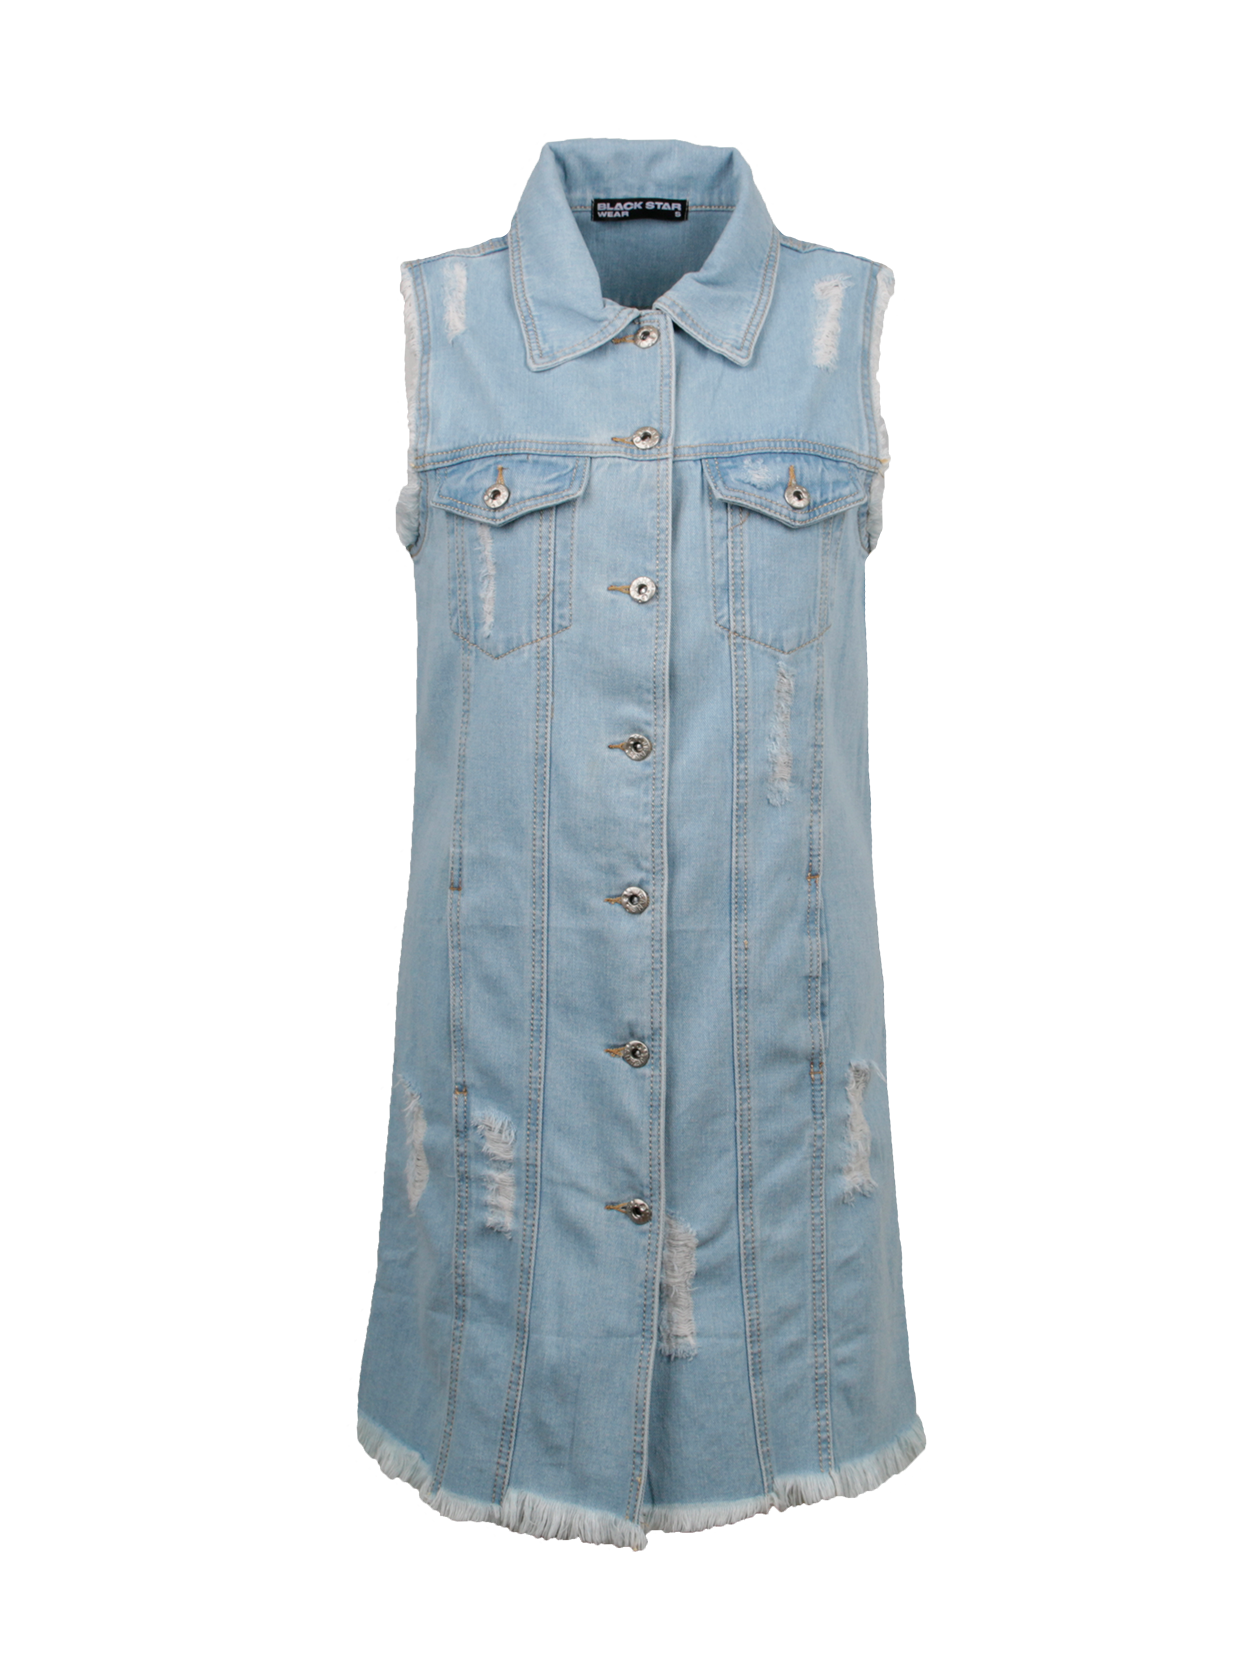 Куртка джинсовая женская HOT 13 DENIMКуртка джинсовая женская Hot 13 Denim – актуальный тренд для любого сезона. Стильная модель удлиненного прямого кроя без рукавов. Рубашечный воротник с логотипом Black Star Wear внутри, большие накладные карманы на груди. Изделие дополнено качественной фурнитурой, принтом с цифрой 13 на спине. В качестве застежки представлены крупные металлические пуговицы. В дизайне применены декоративные вертикальные швы, потертости. Куртка сшита из высококачественного денима популярной светло-голубой расцветки.<br><br>Размер: S<br>Цвет: Голубой<br>Пол: Женский